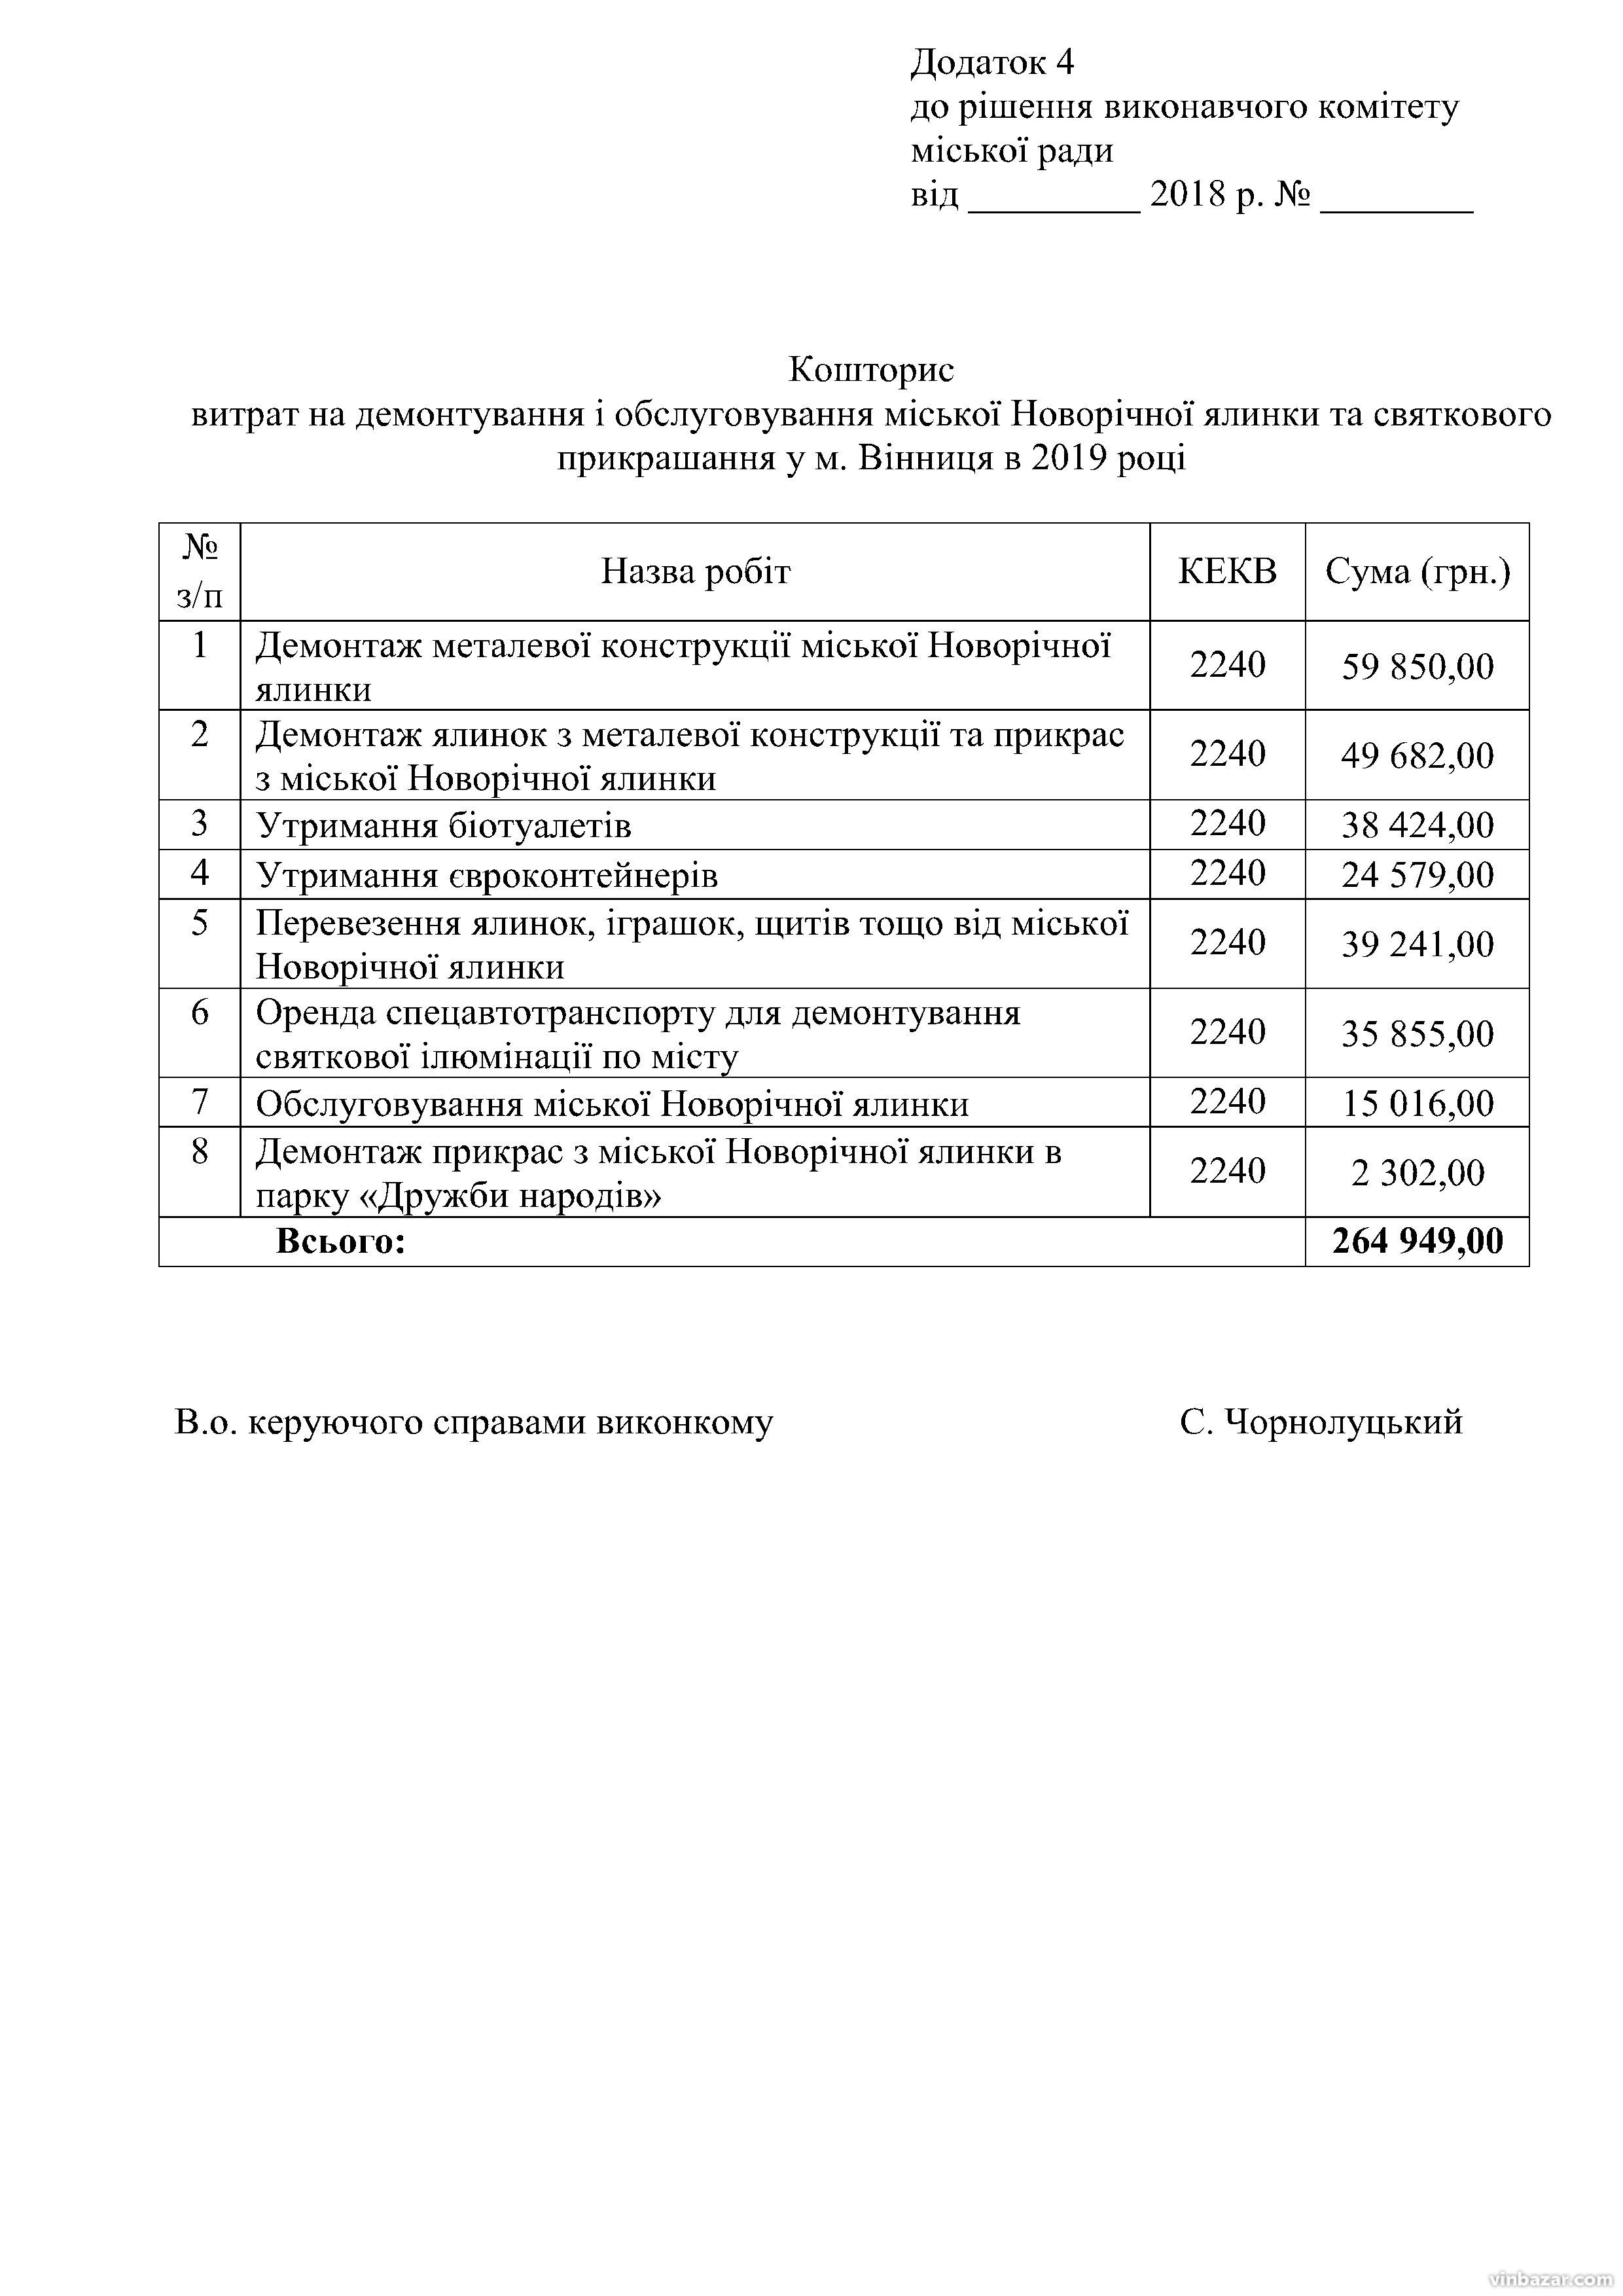 Новорічна ялинка у Вінниці коштуватиме місту 1,46 мільйона гривень